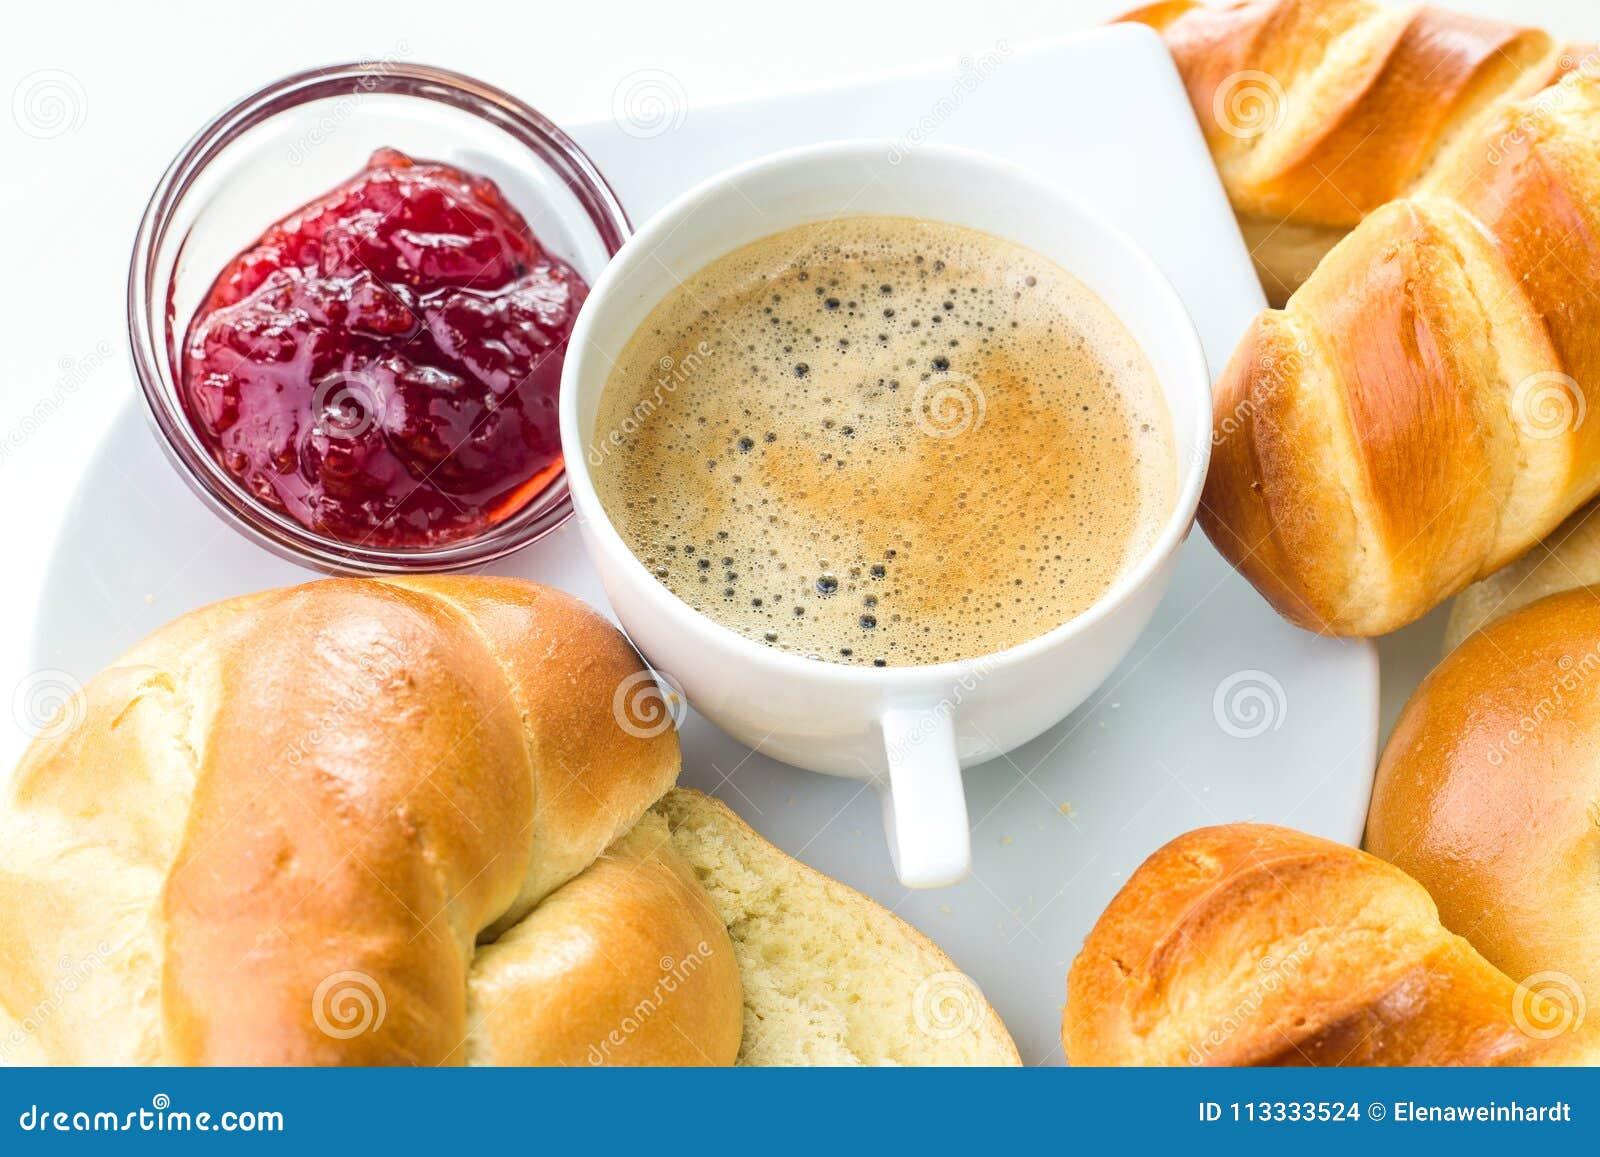 Tazza di caffè con le pasticcerie casalinghe su fondo bianco